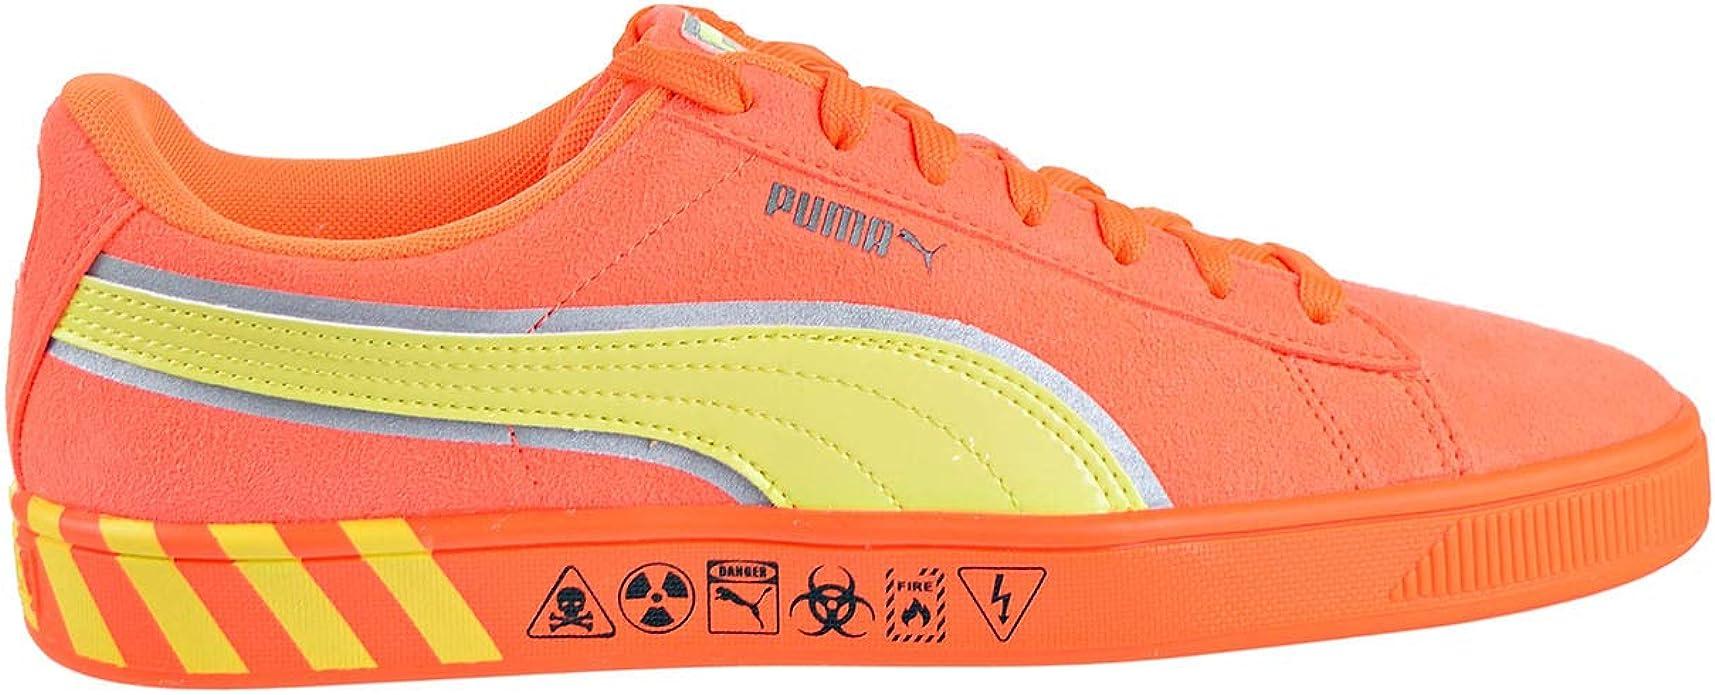 PUMA mens Hazard Orange Sneaker